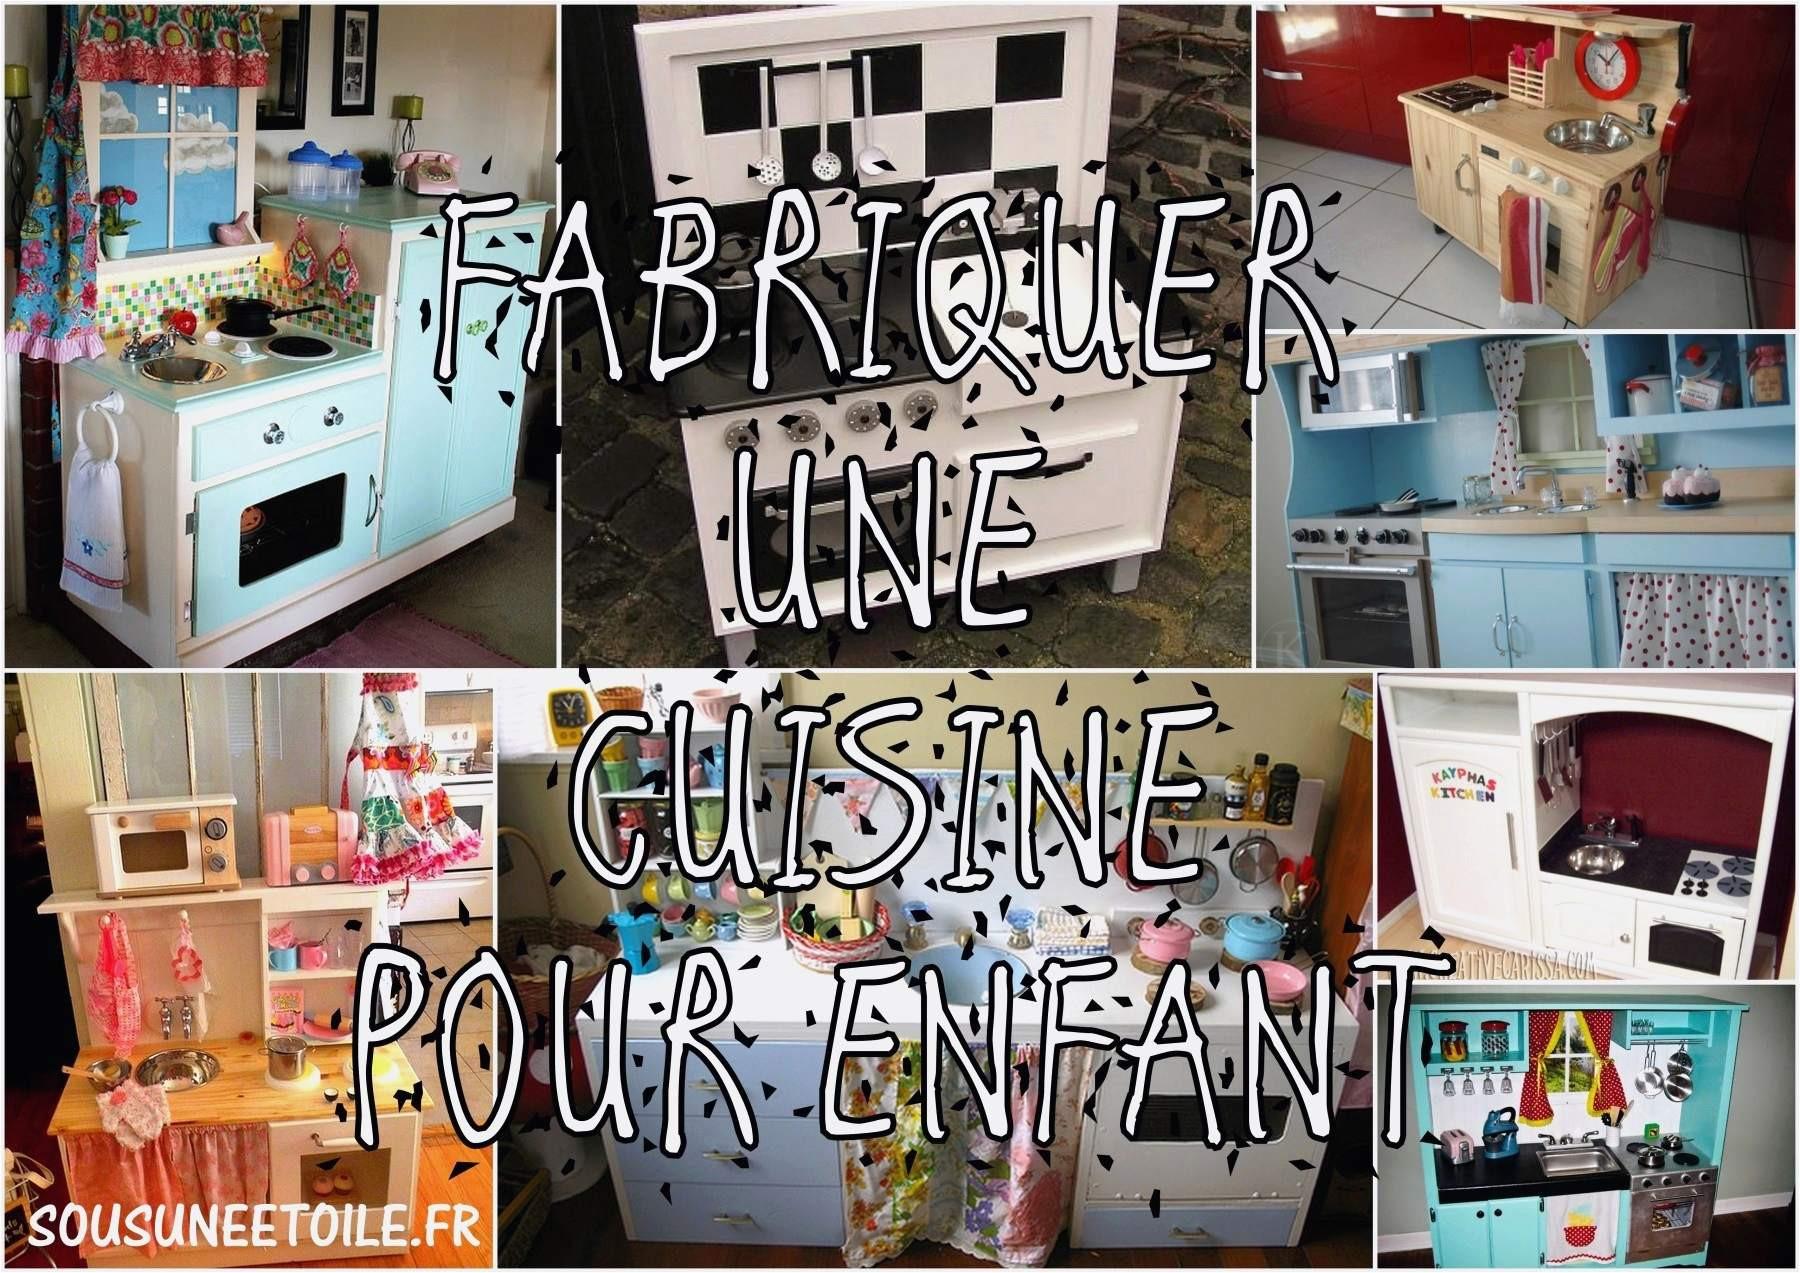 Jeux De Cuisine Jeux Jeux Jeux Nouveau Image Jeux De Cuisine Pour Fille Gratuit Luxury Jeux Gratuit Cuisine Frais